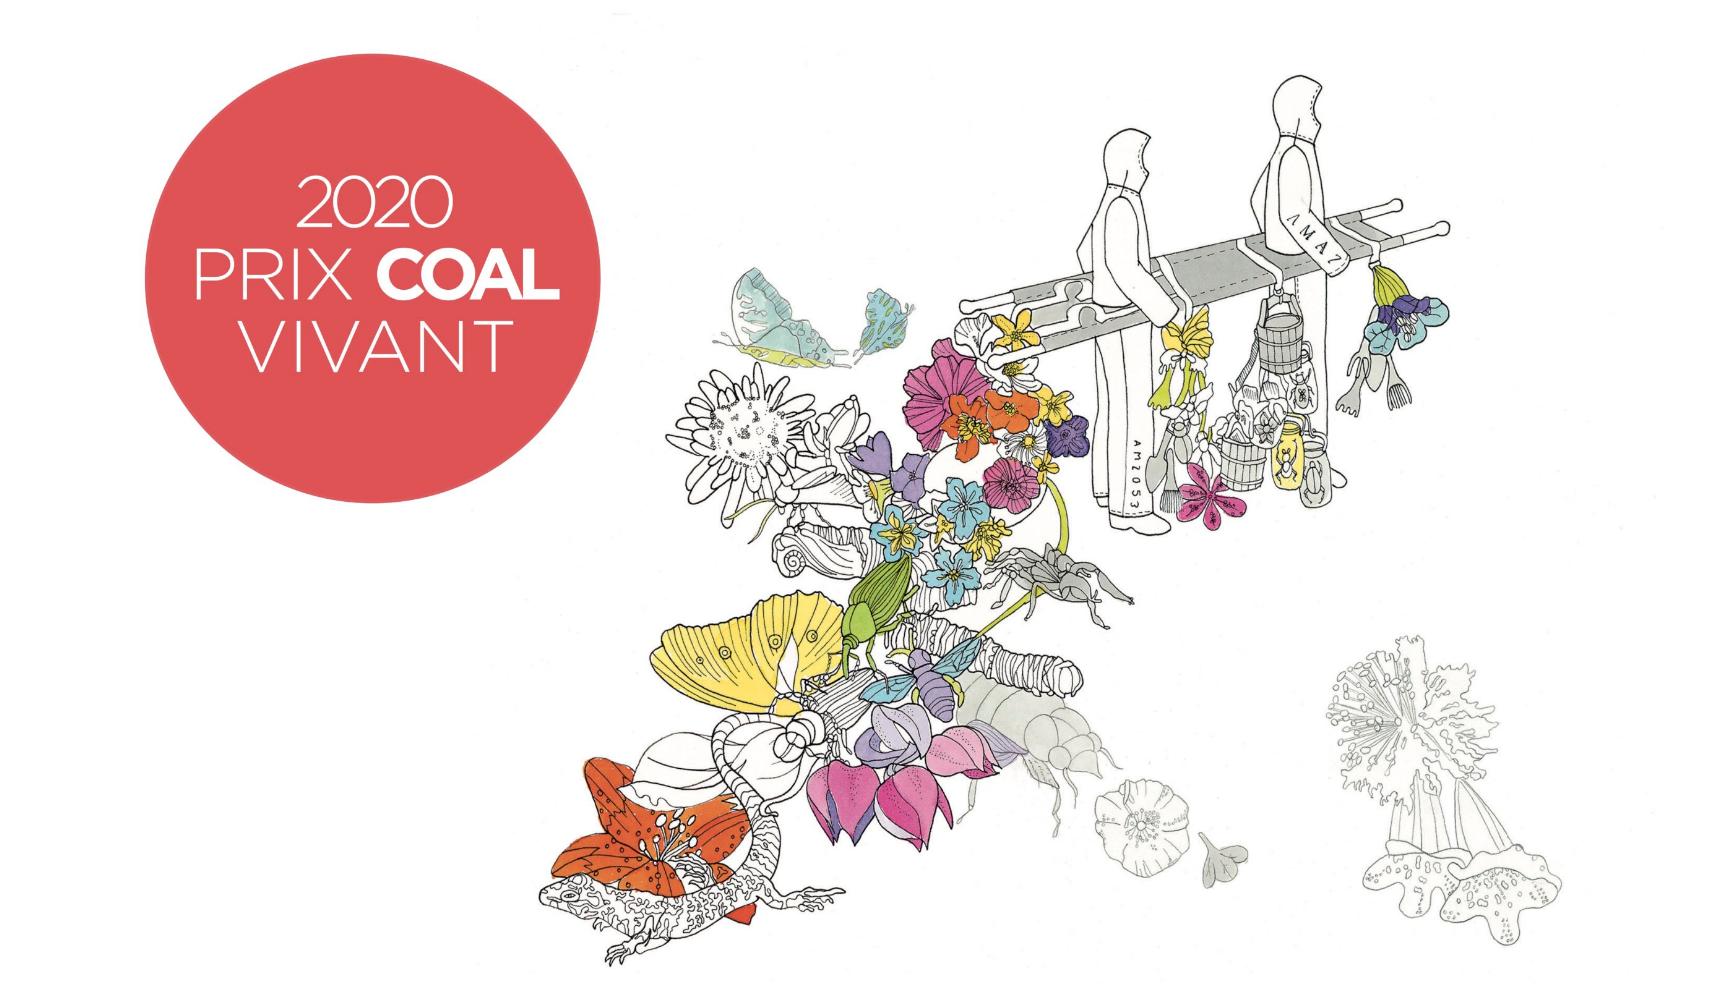 Le prix Coal 2020 - Art & Ecologie pour P. Duncombe et E. Saintagnan 804d2bd4-f92c-44e8-94c1-ccd6561cbc02